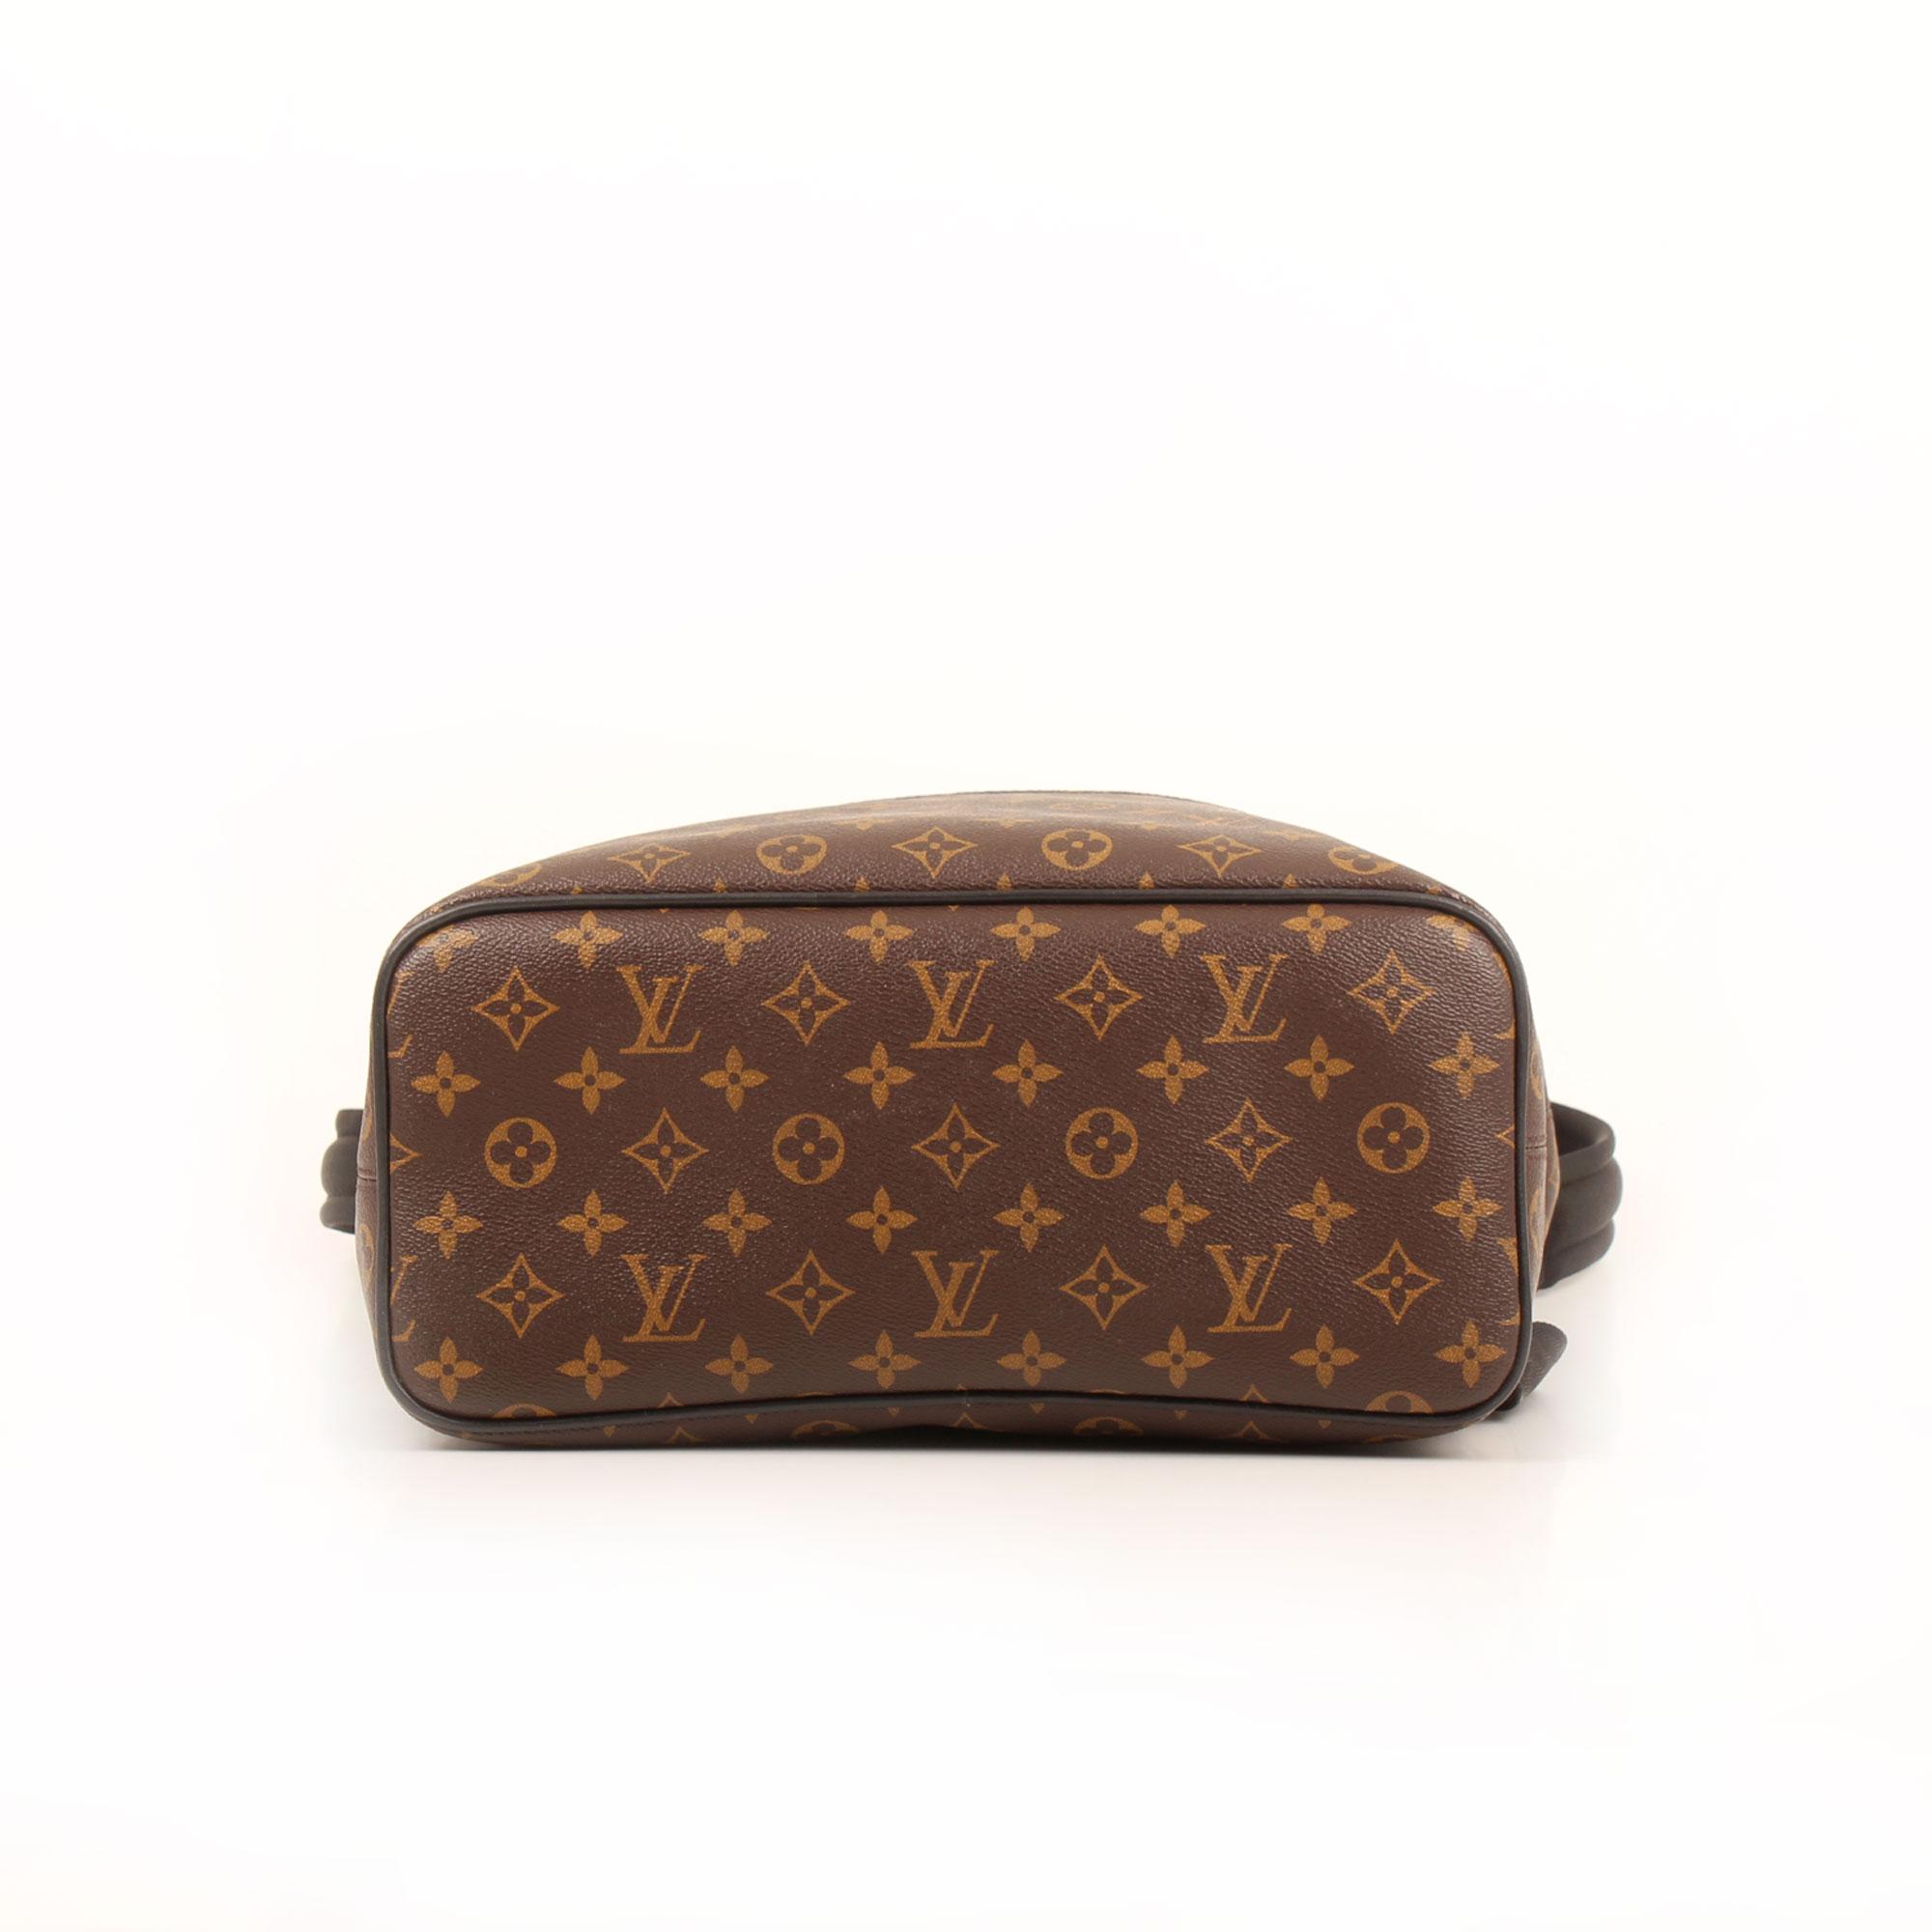 Imagen de la base de la mochila louis vuitton palk monogram macassar